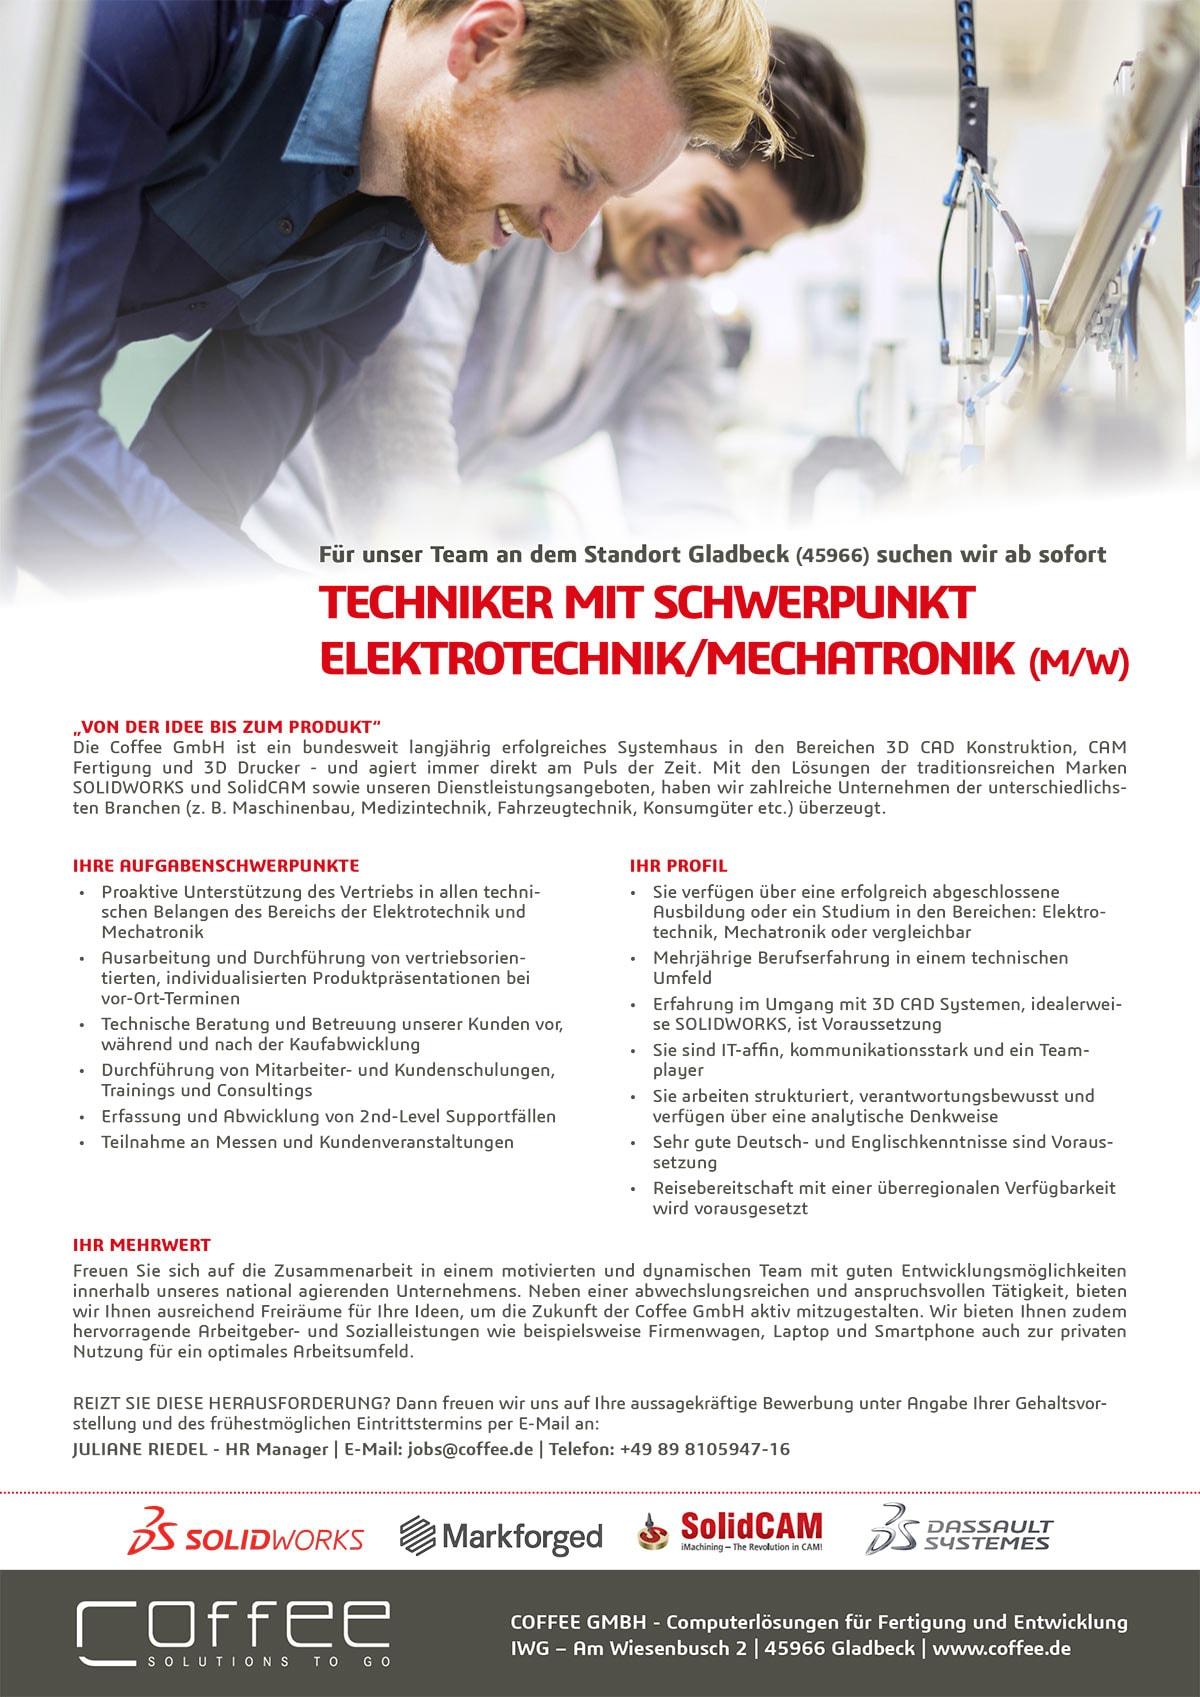 Stellenanzeige_Techniker-Electrical_0716_Gladbeck